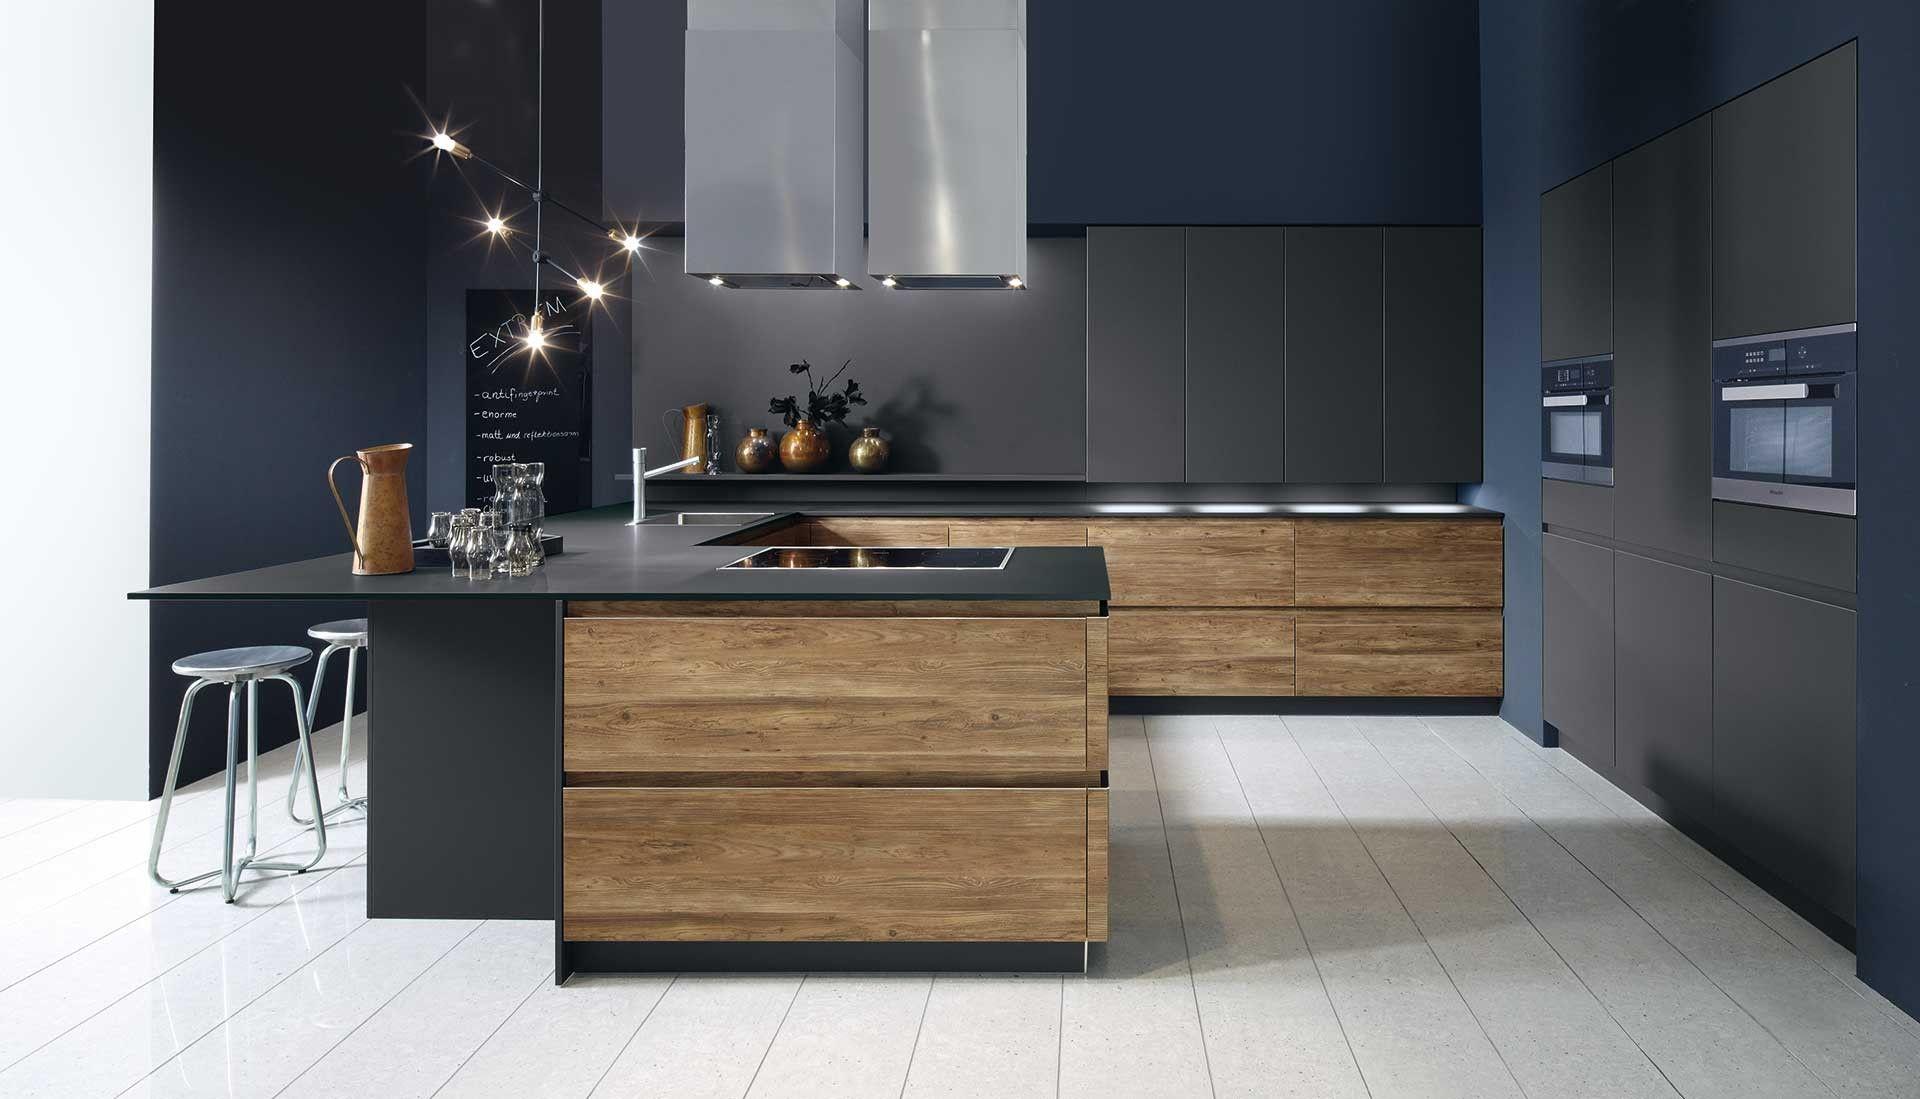 Zwarte moderne keuken met hout deze moderne keuken bevat het perfecte contrast tussen donker - Moderne keuken kleur ...